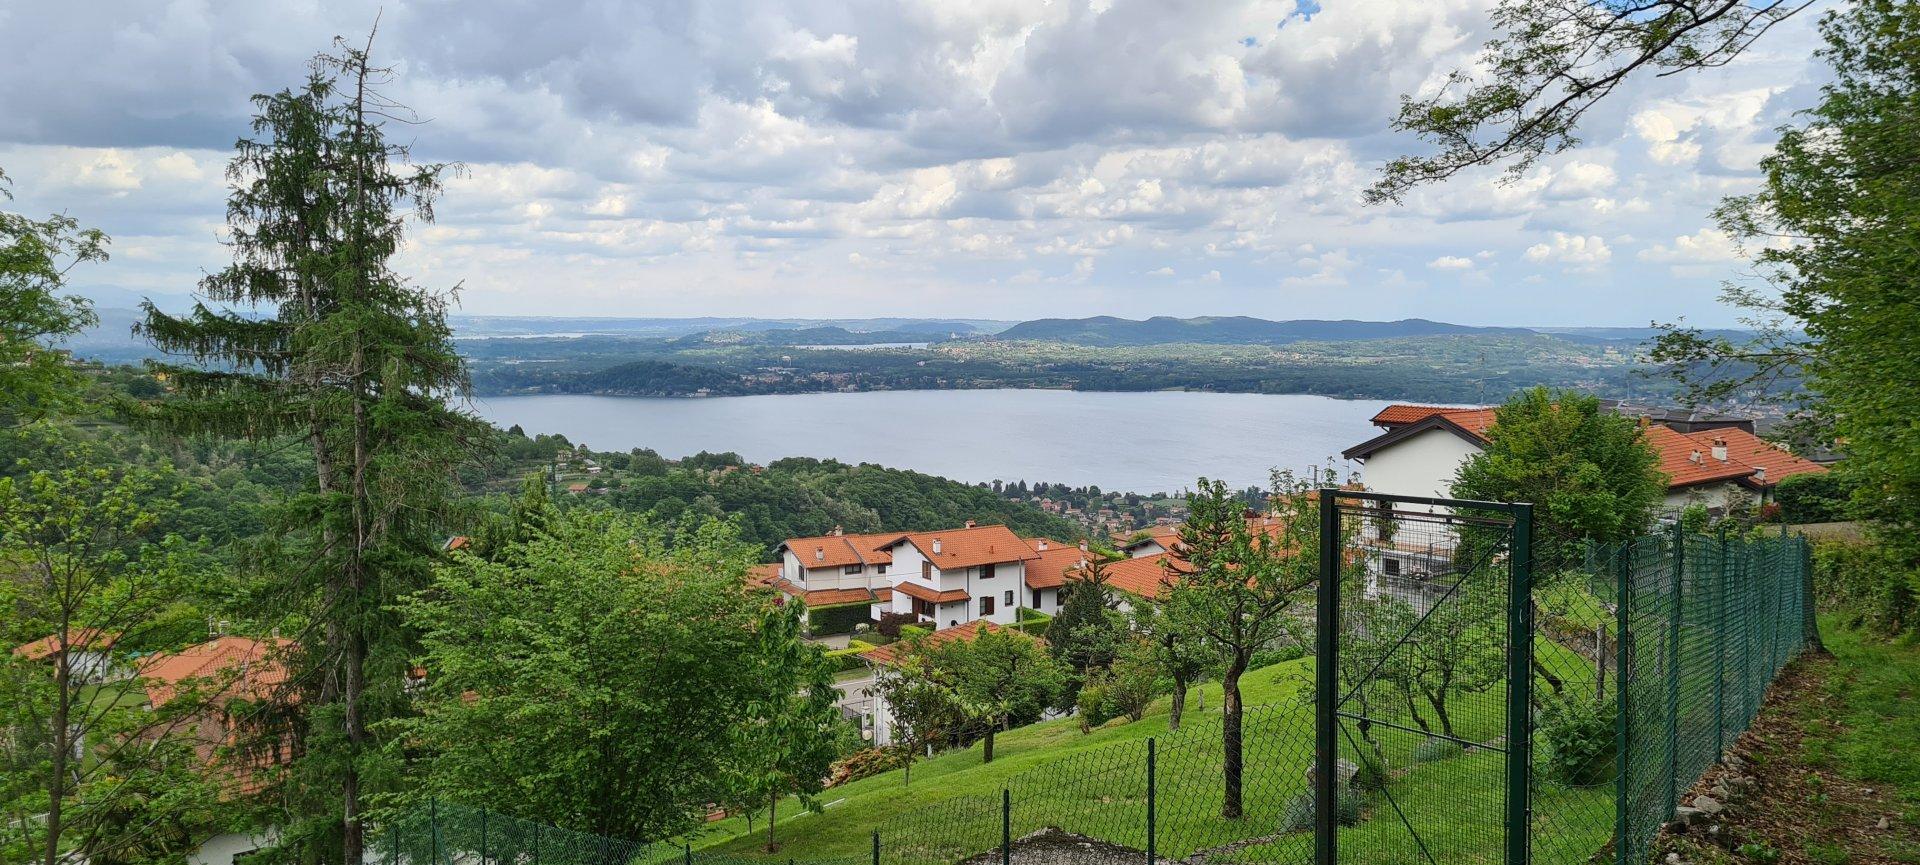 Bauland mit Blick auf den Lago Maggiore